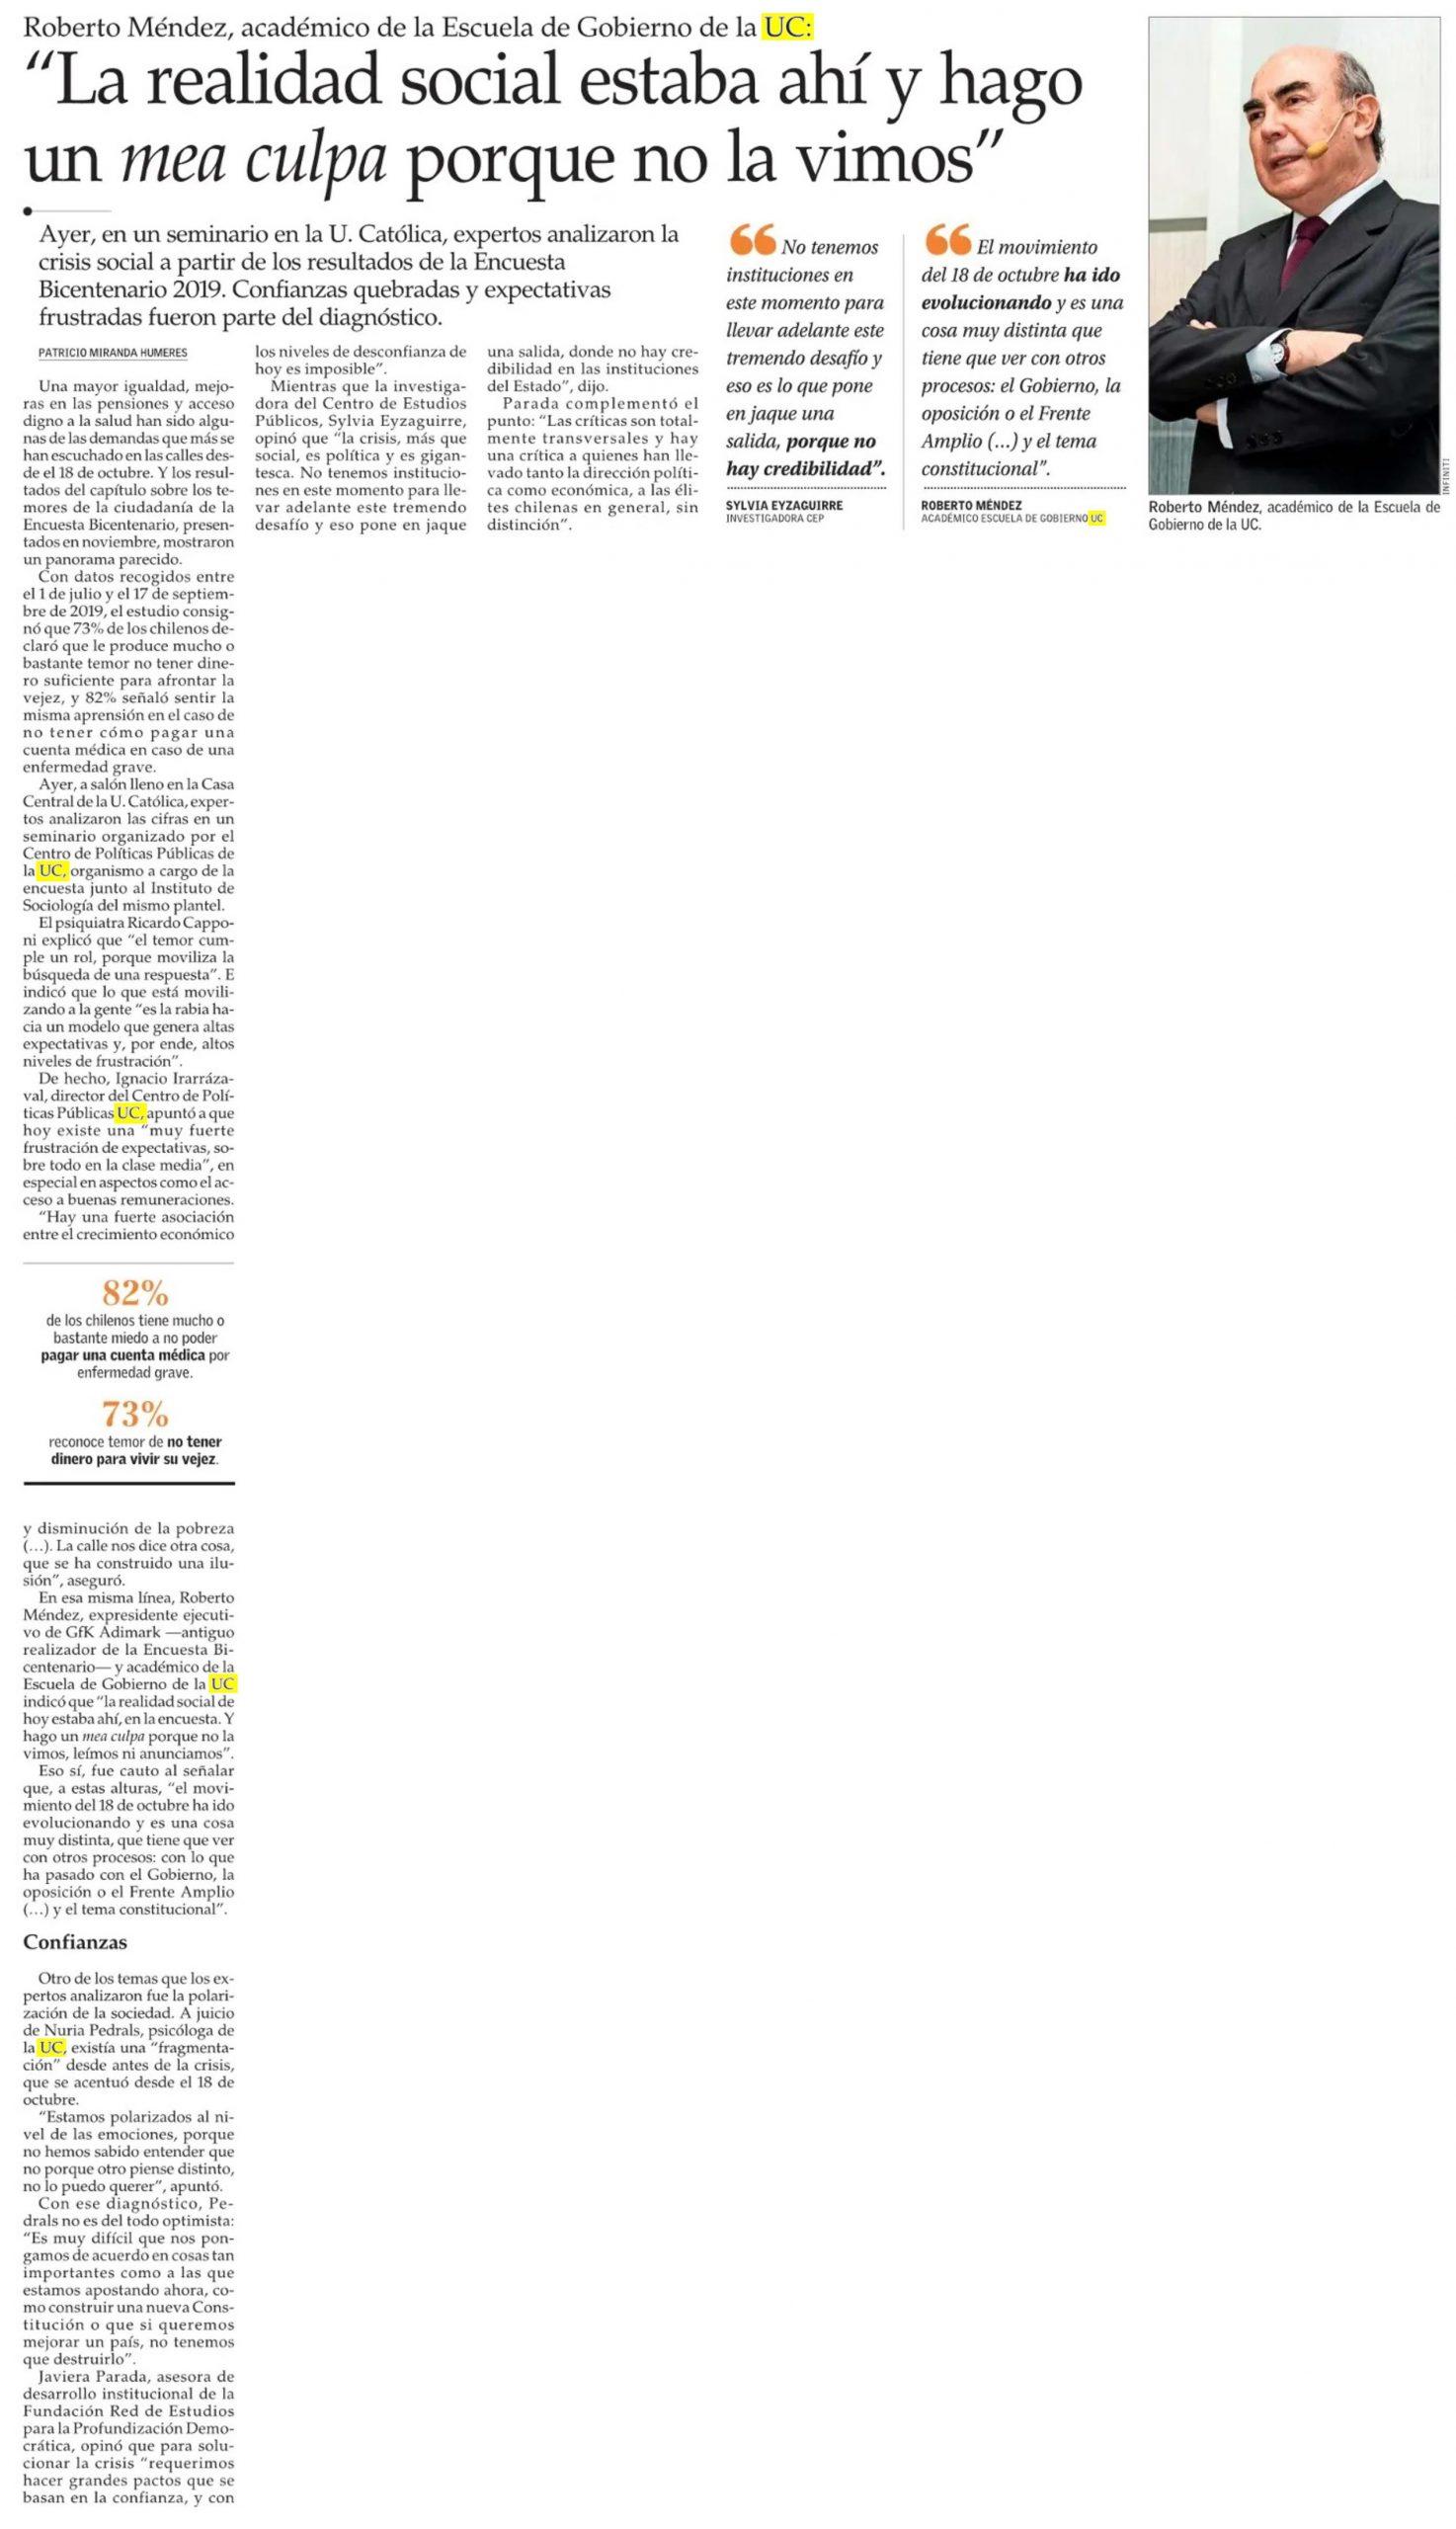 El Mercurio destaca el seminario en el que expertos analizaron los resultados de la Encuesta Bicentenario UC